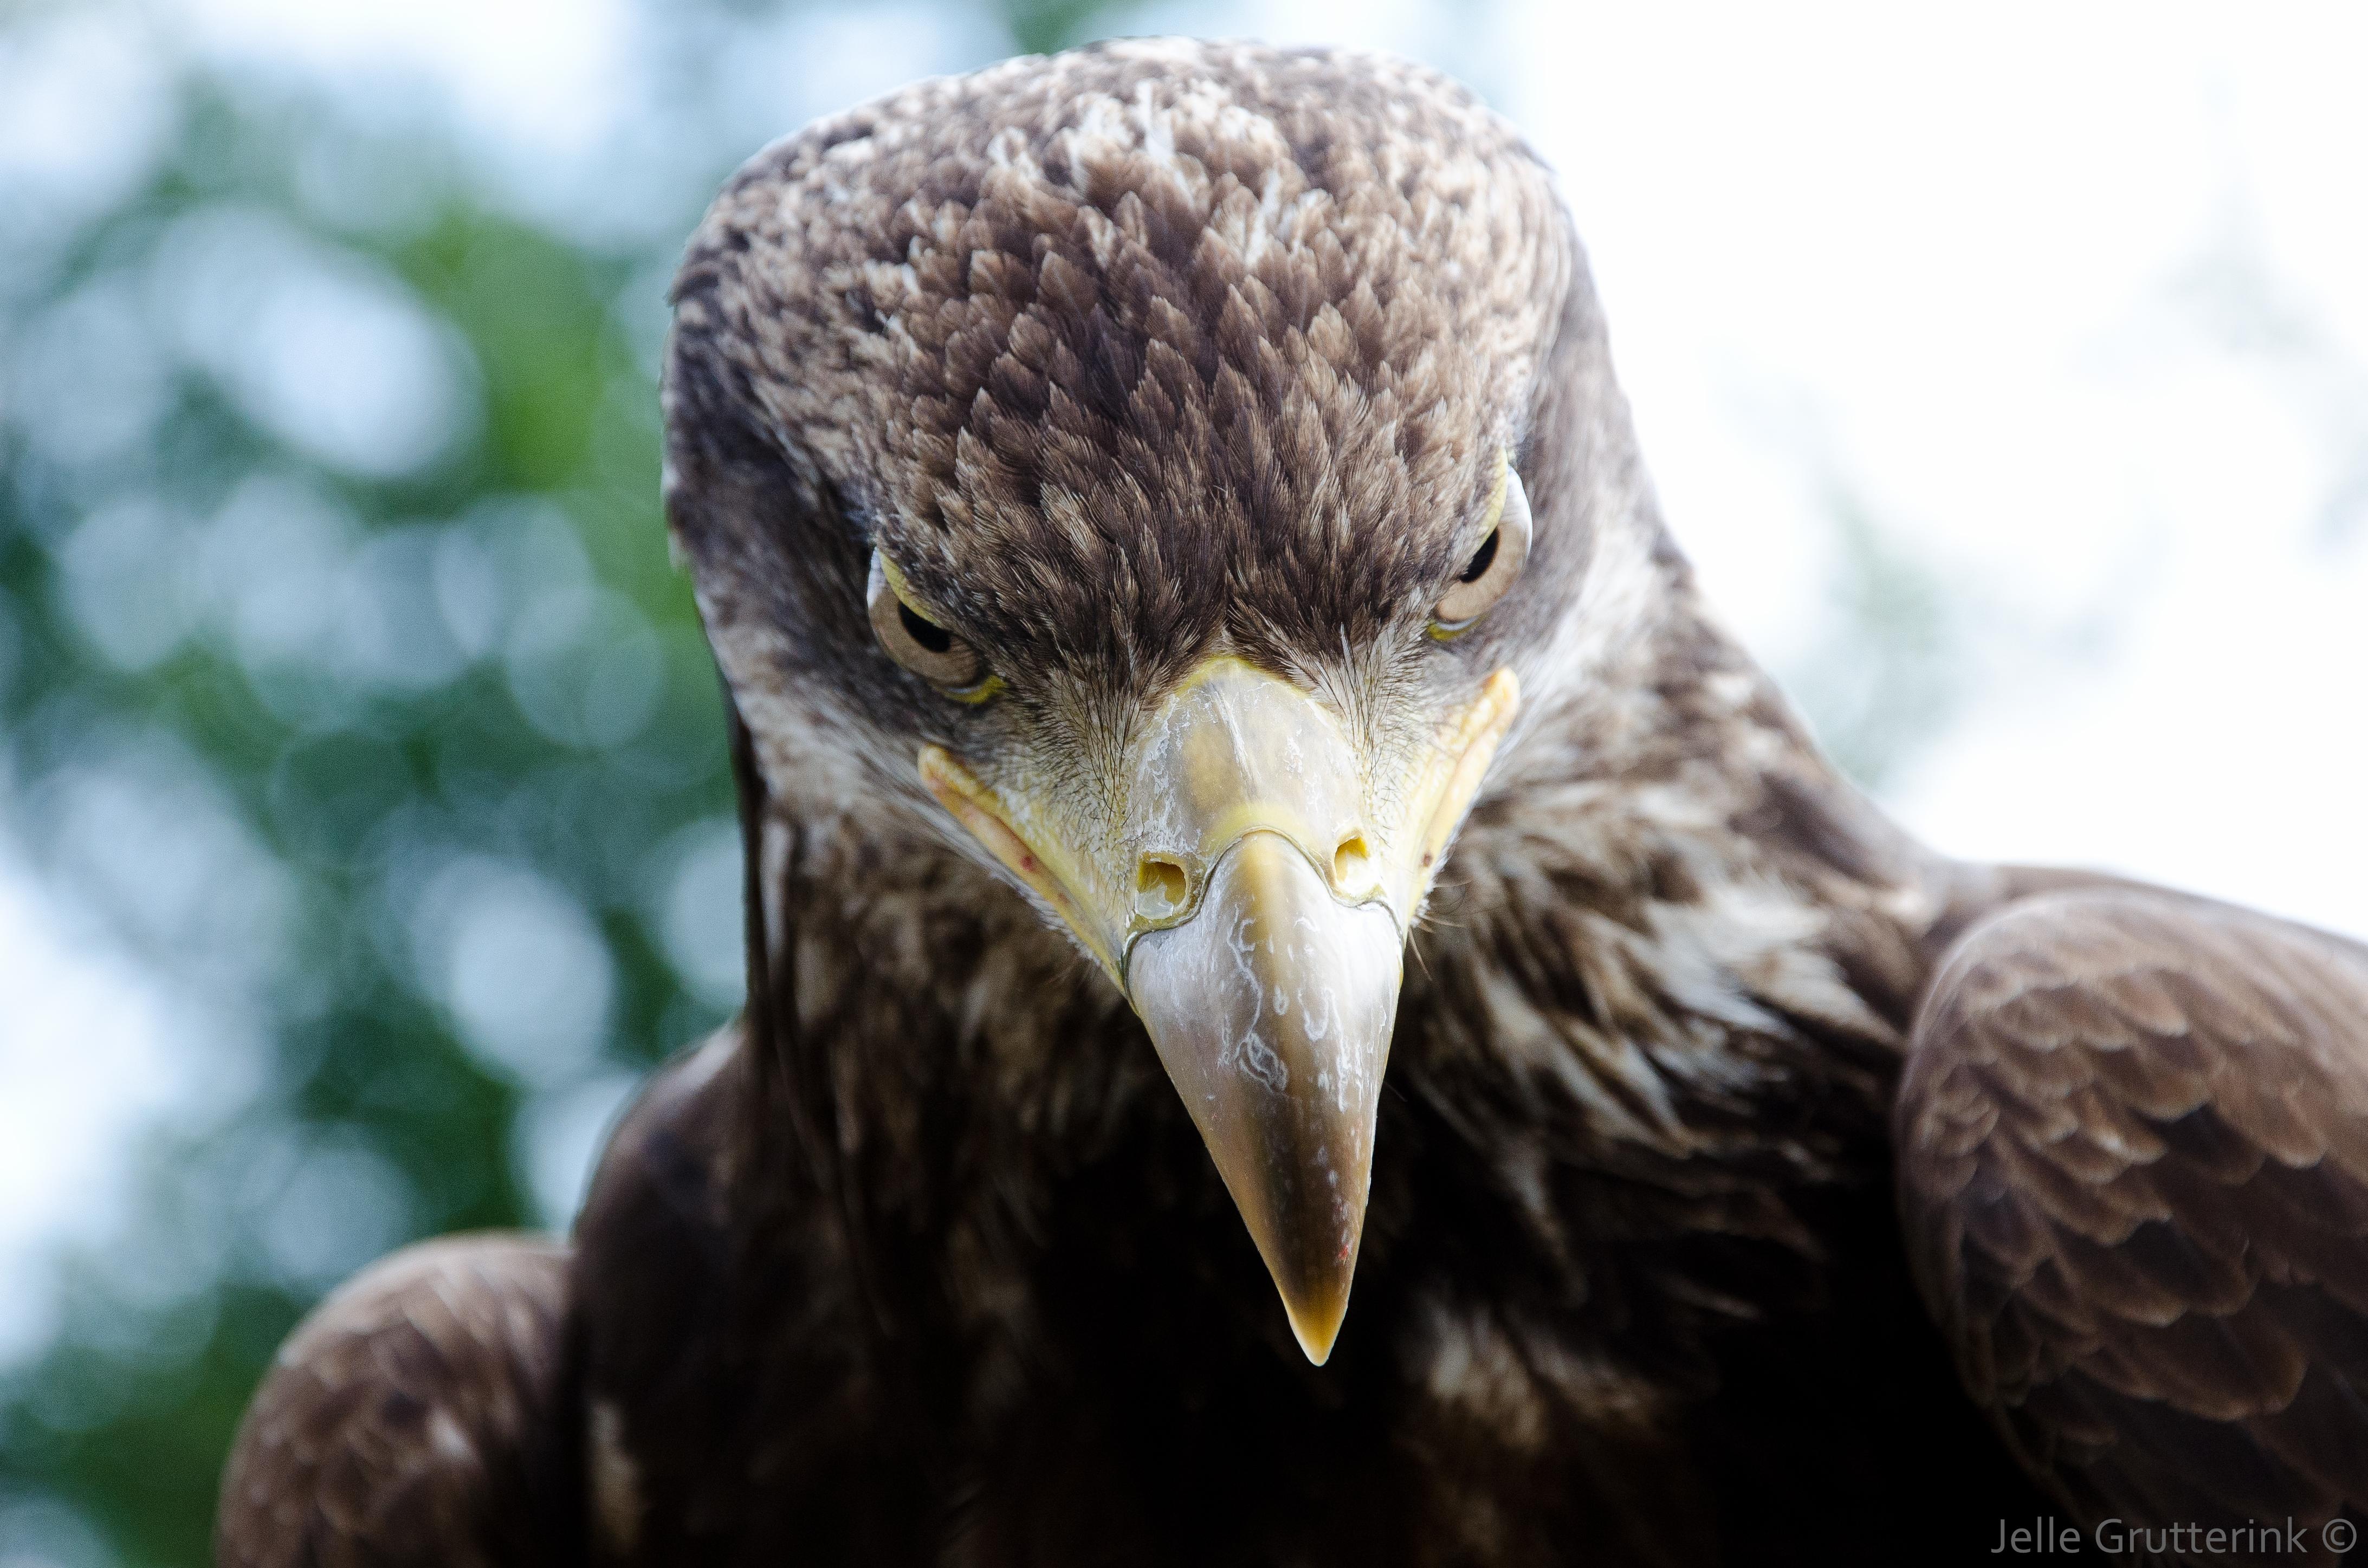 Filegolden Eagle Portrait Jpg